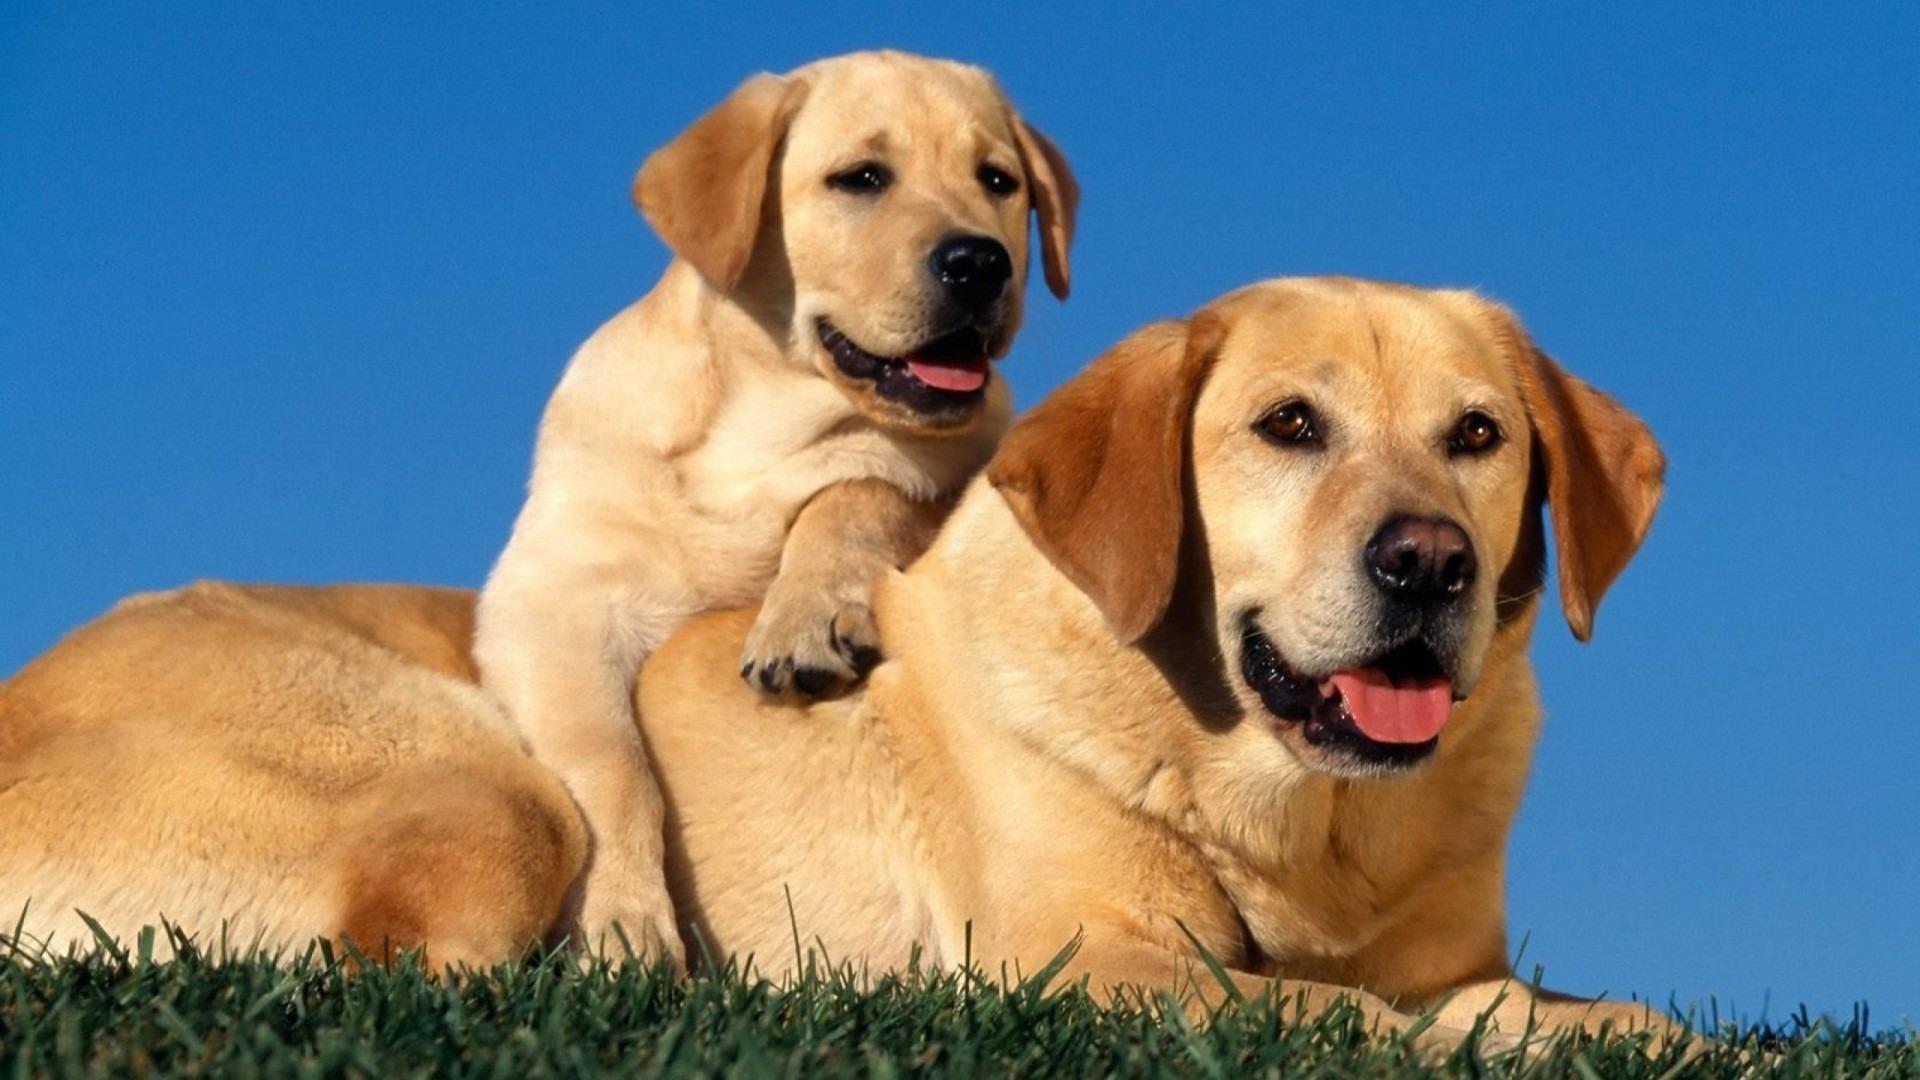 Labrador Retriever dogs pictures